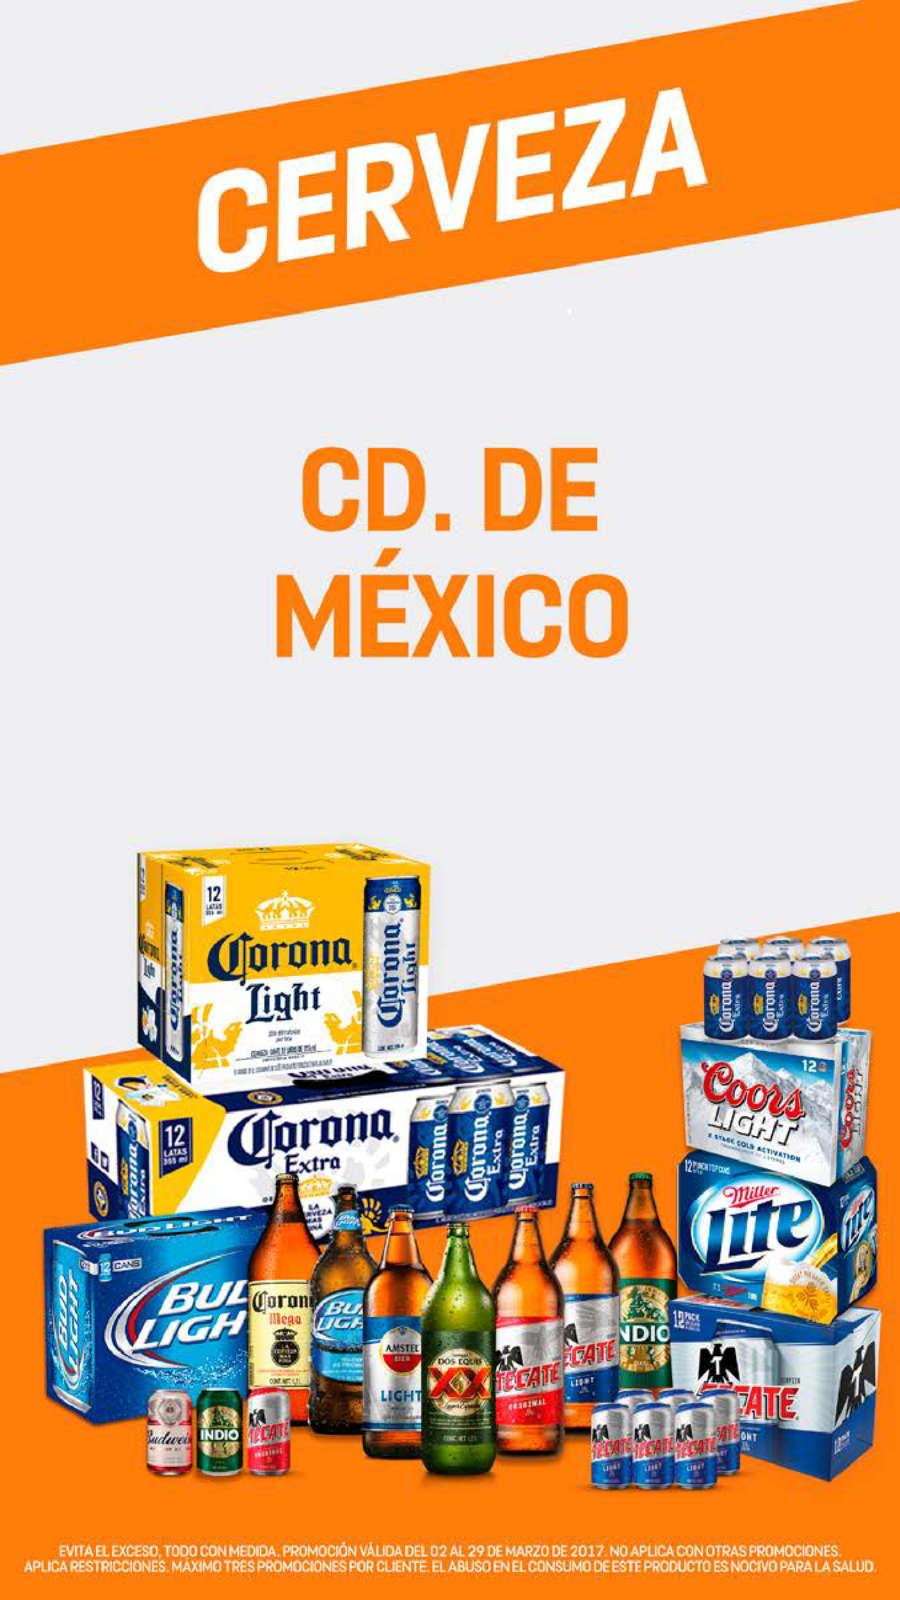 7 Eleven: Cerveza & Vinos del 02 al 29 de Marzo 2017 en CDMX